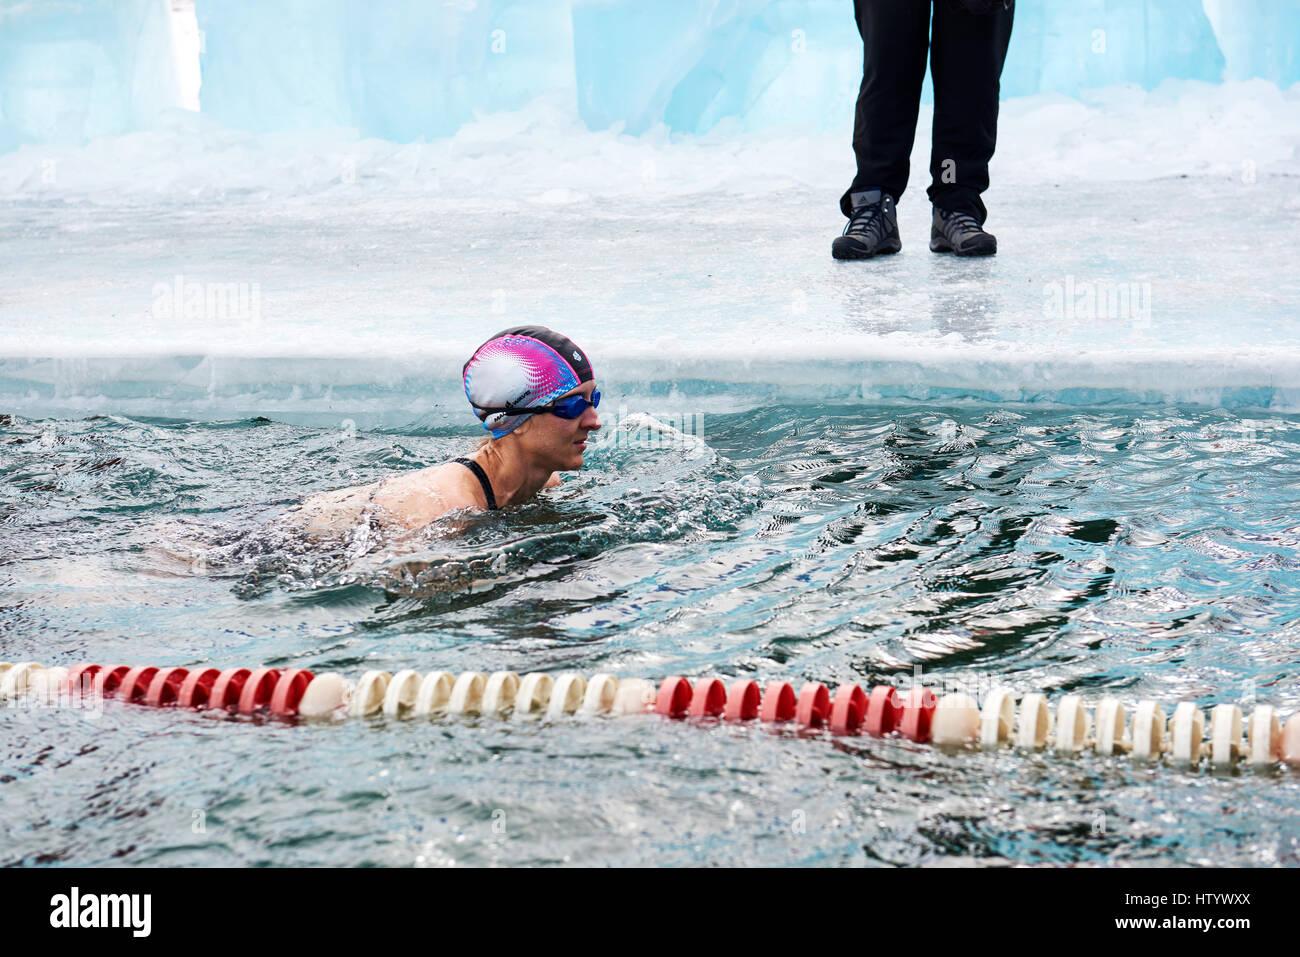 SAHYURTA, Regione di Irkutsk, Russia - marzo 11.2017: Coppa di Baikal. Inverno gare di nuoto. Donna nuota Immagini Stock